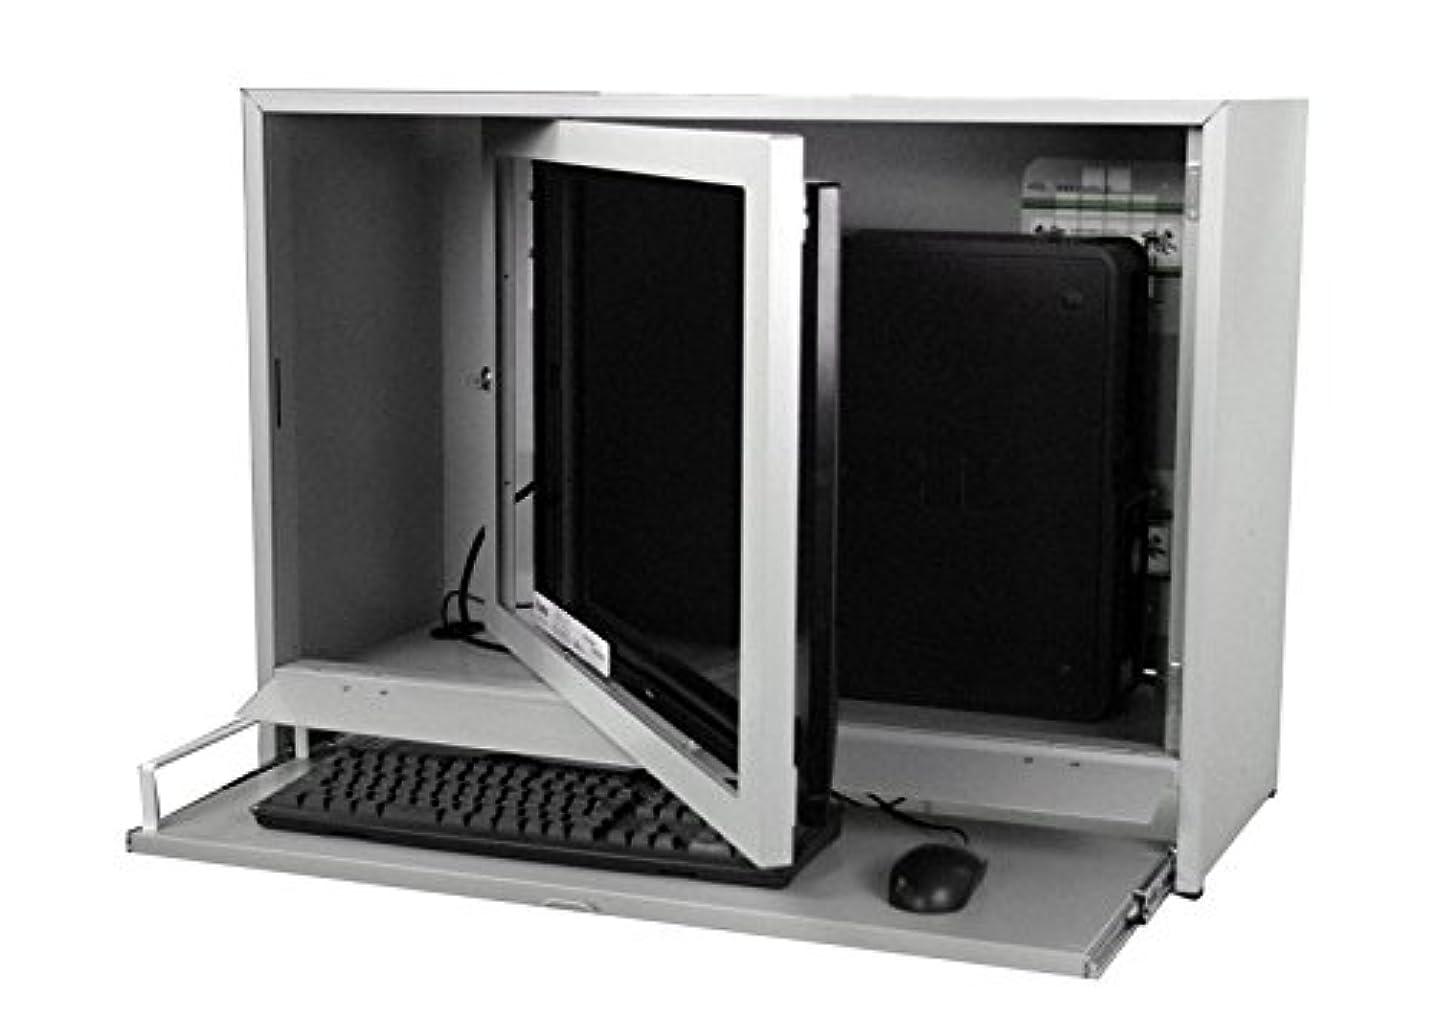 大学生ブリーフケース補う防塵ラック PCケース ノートPC モニター 工場使用可 排熱 ホコリ メーカー直販 頑丈 セイテック Tidy Box 32 ライトグレー